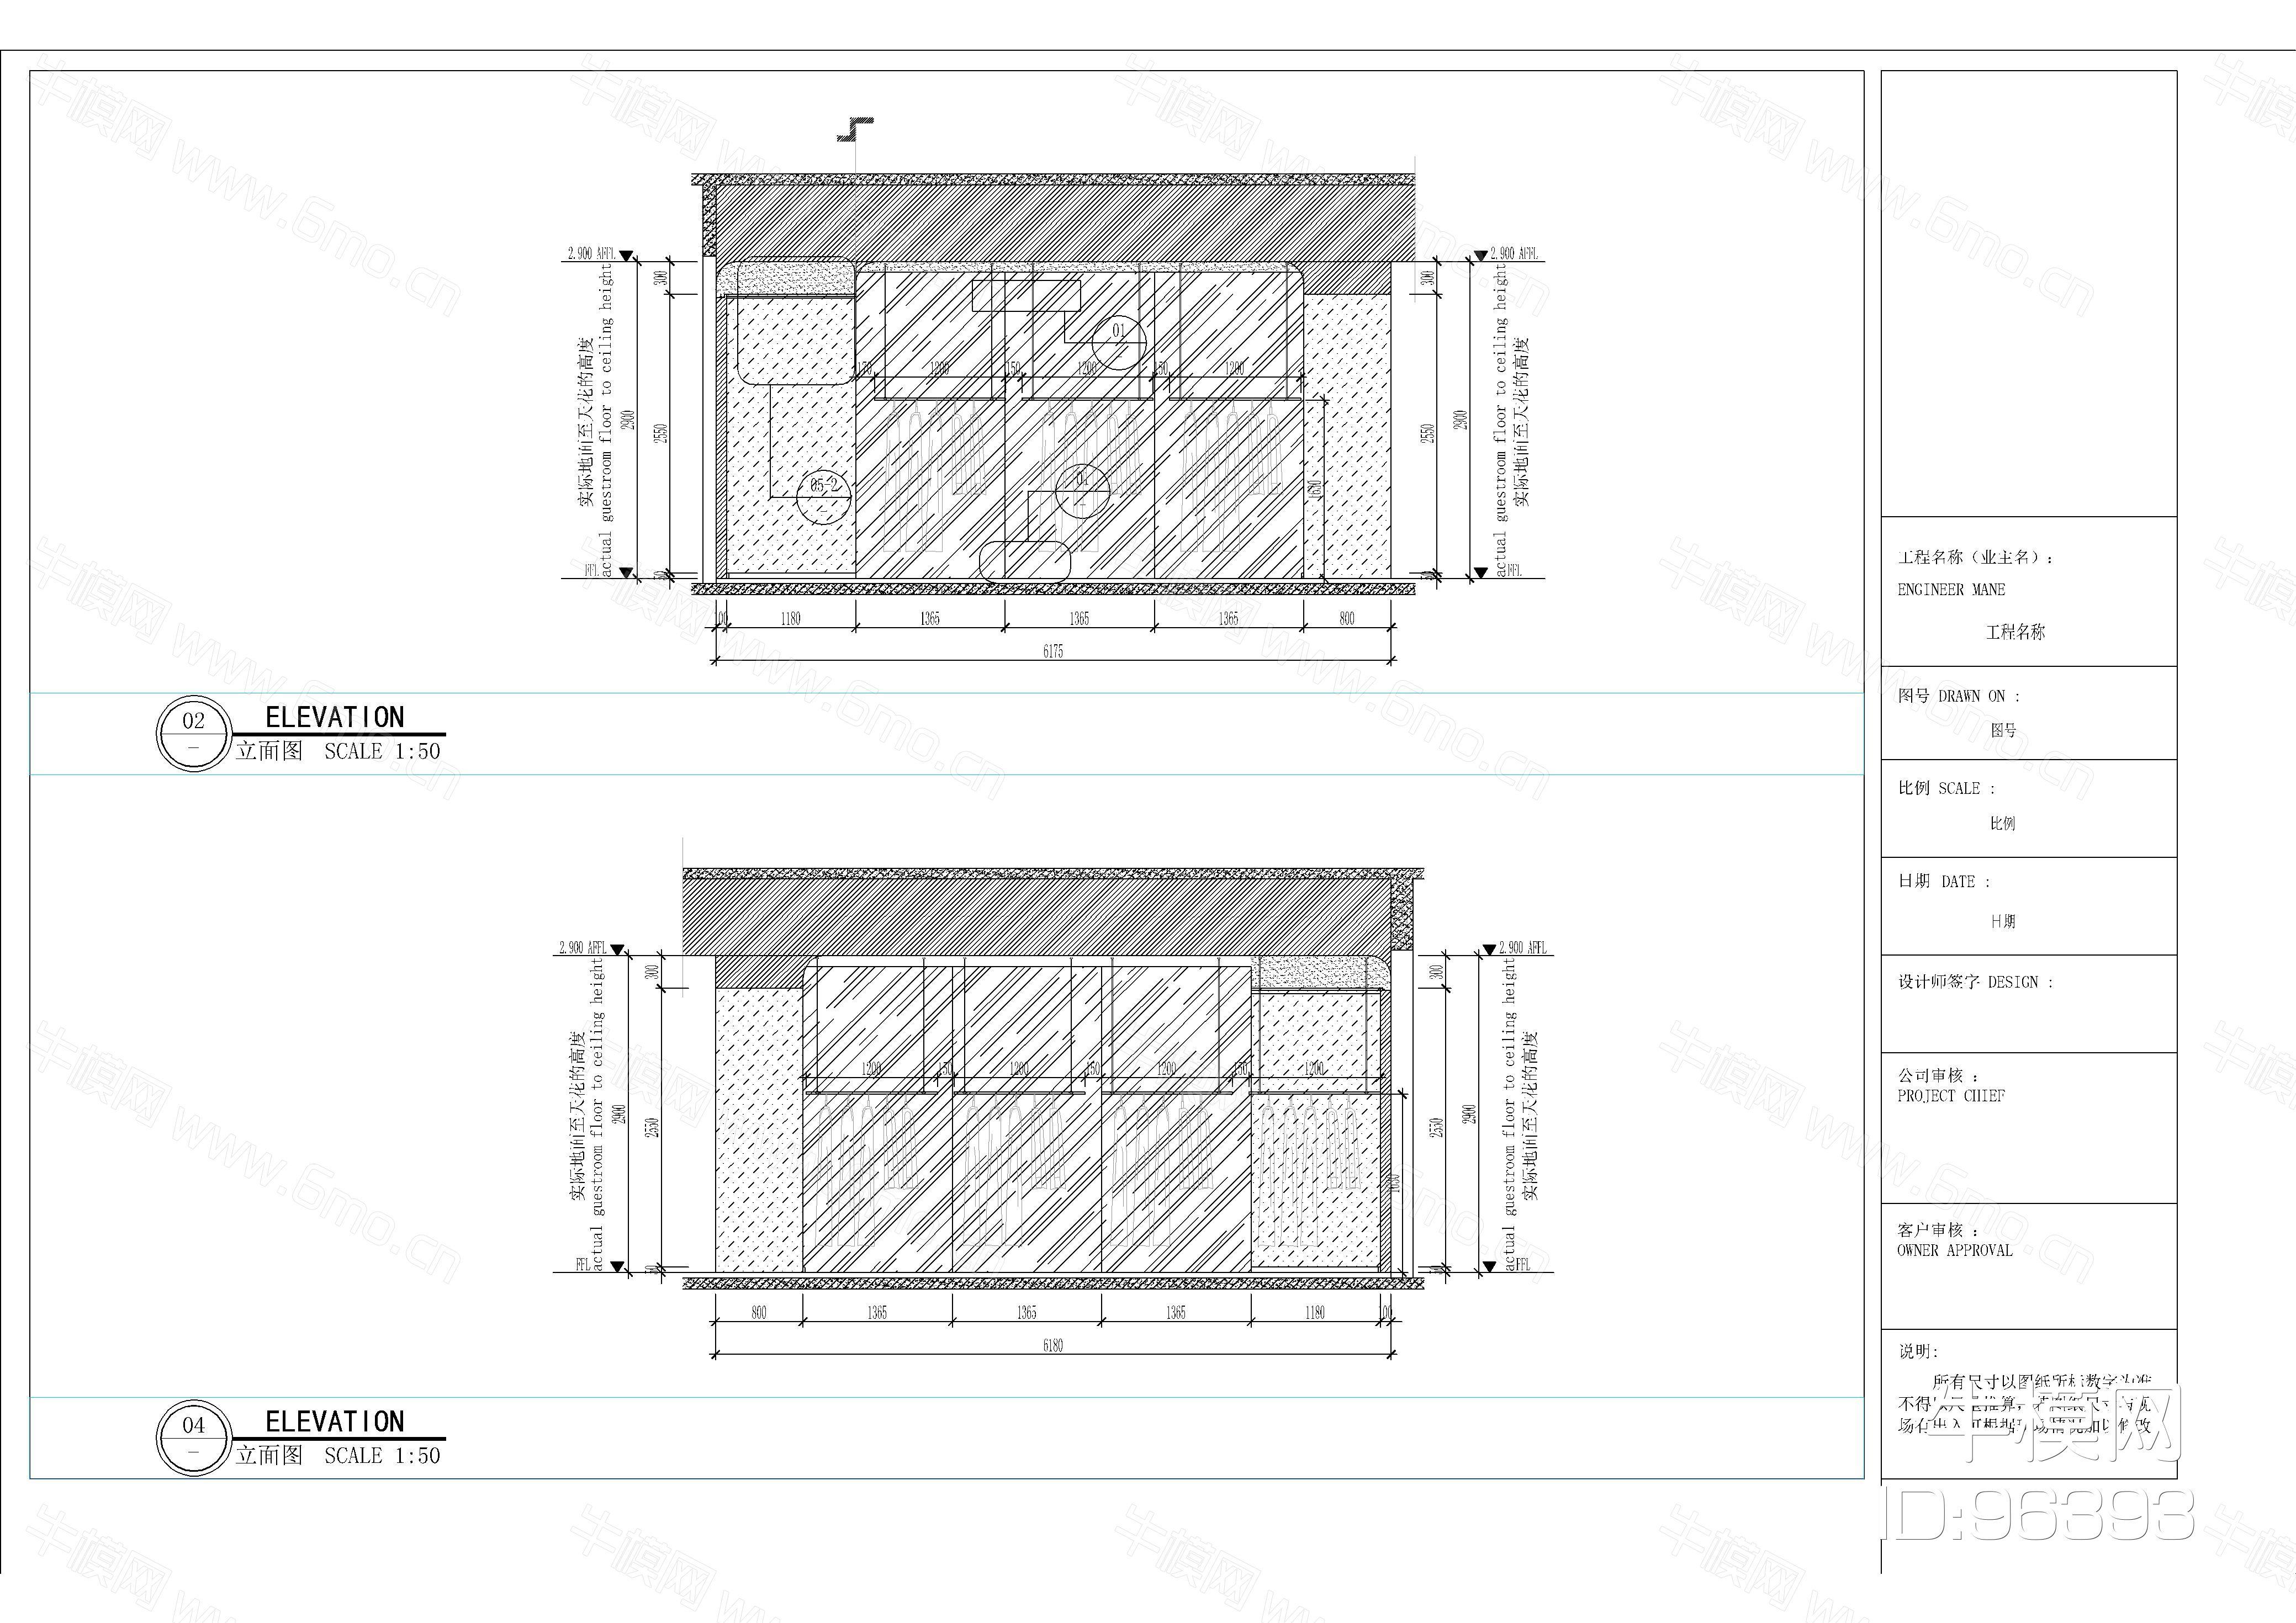 四季商场服装店设计施工图